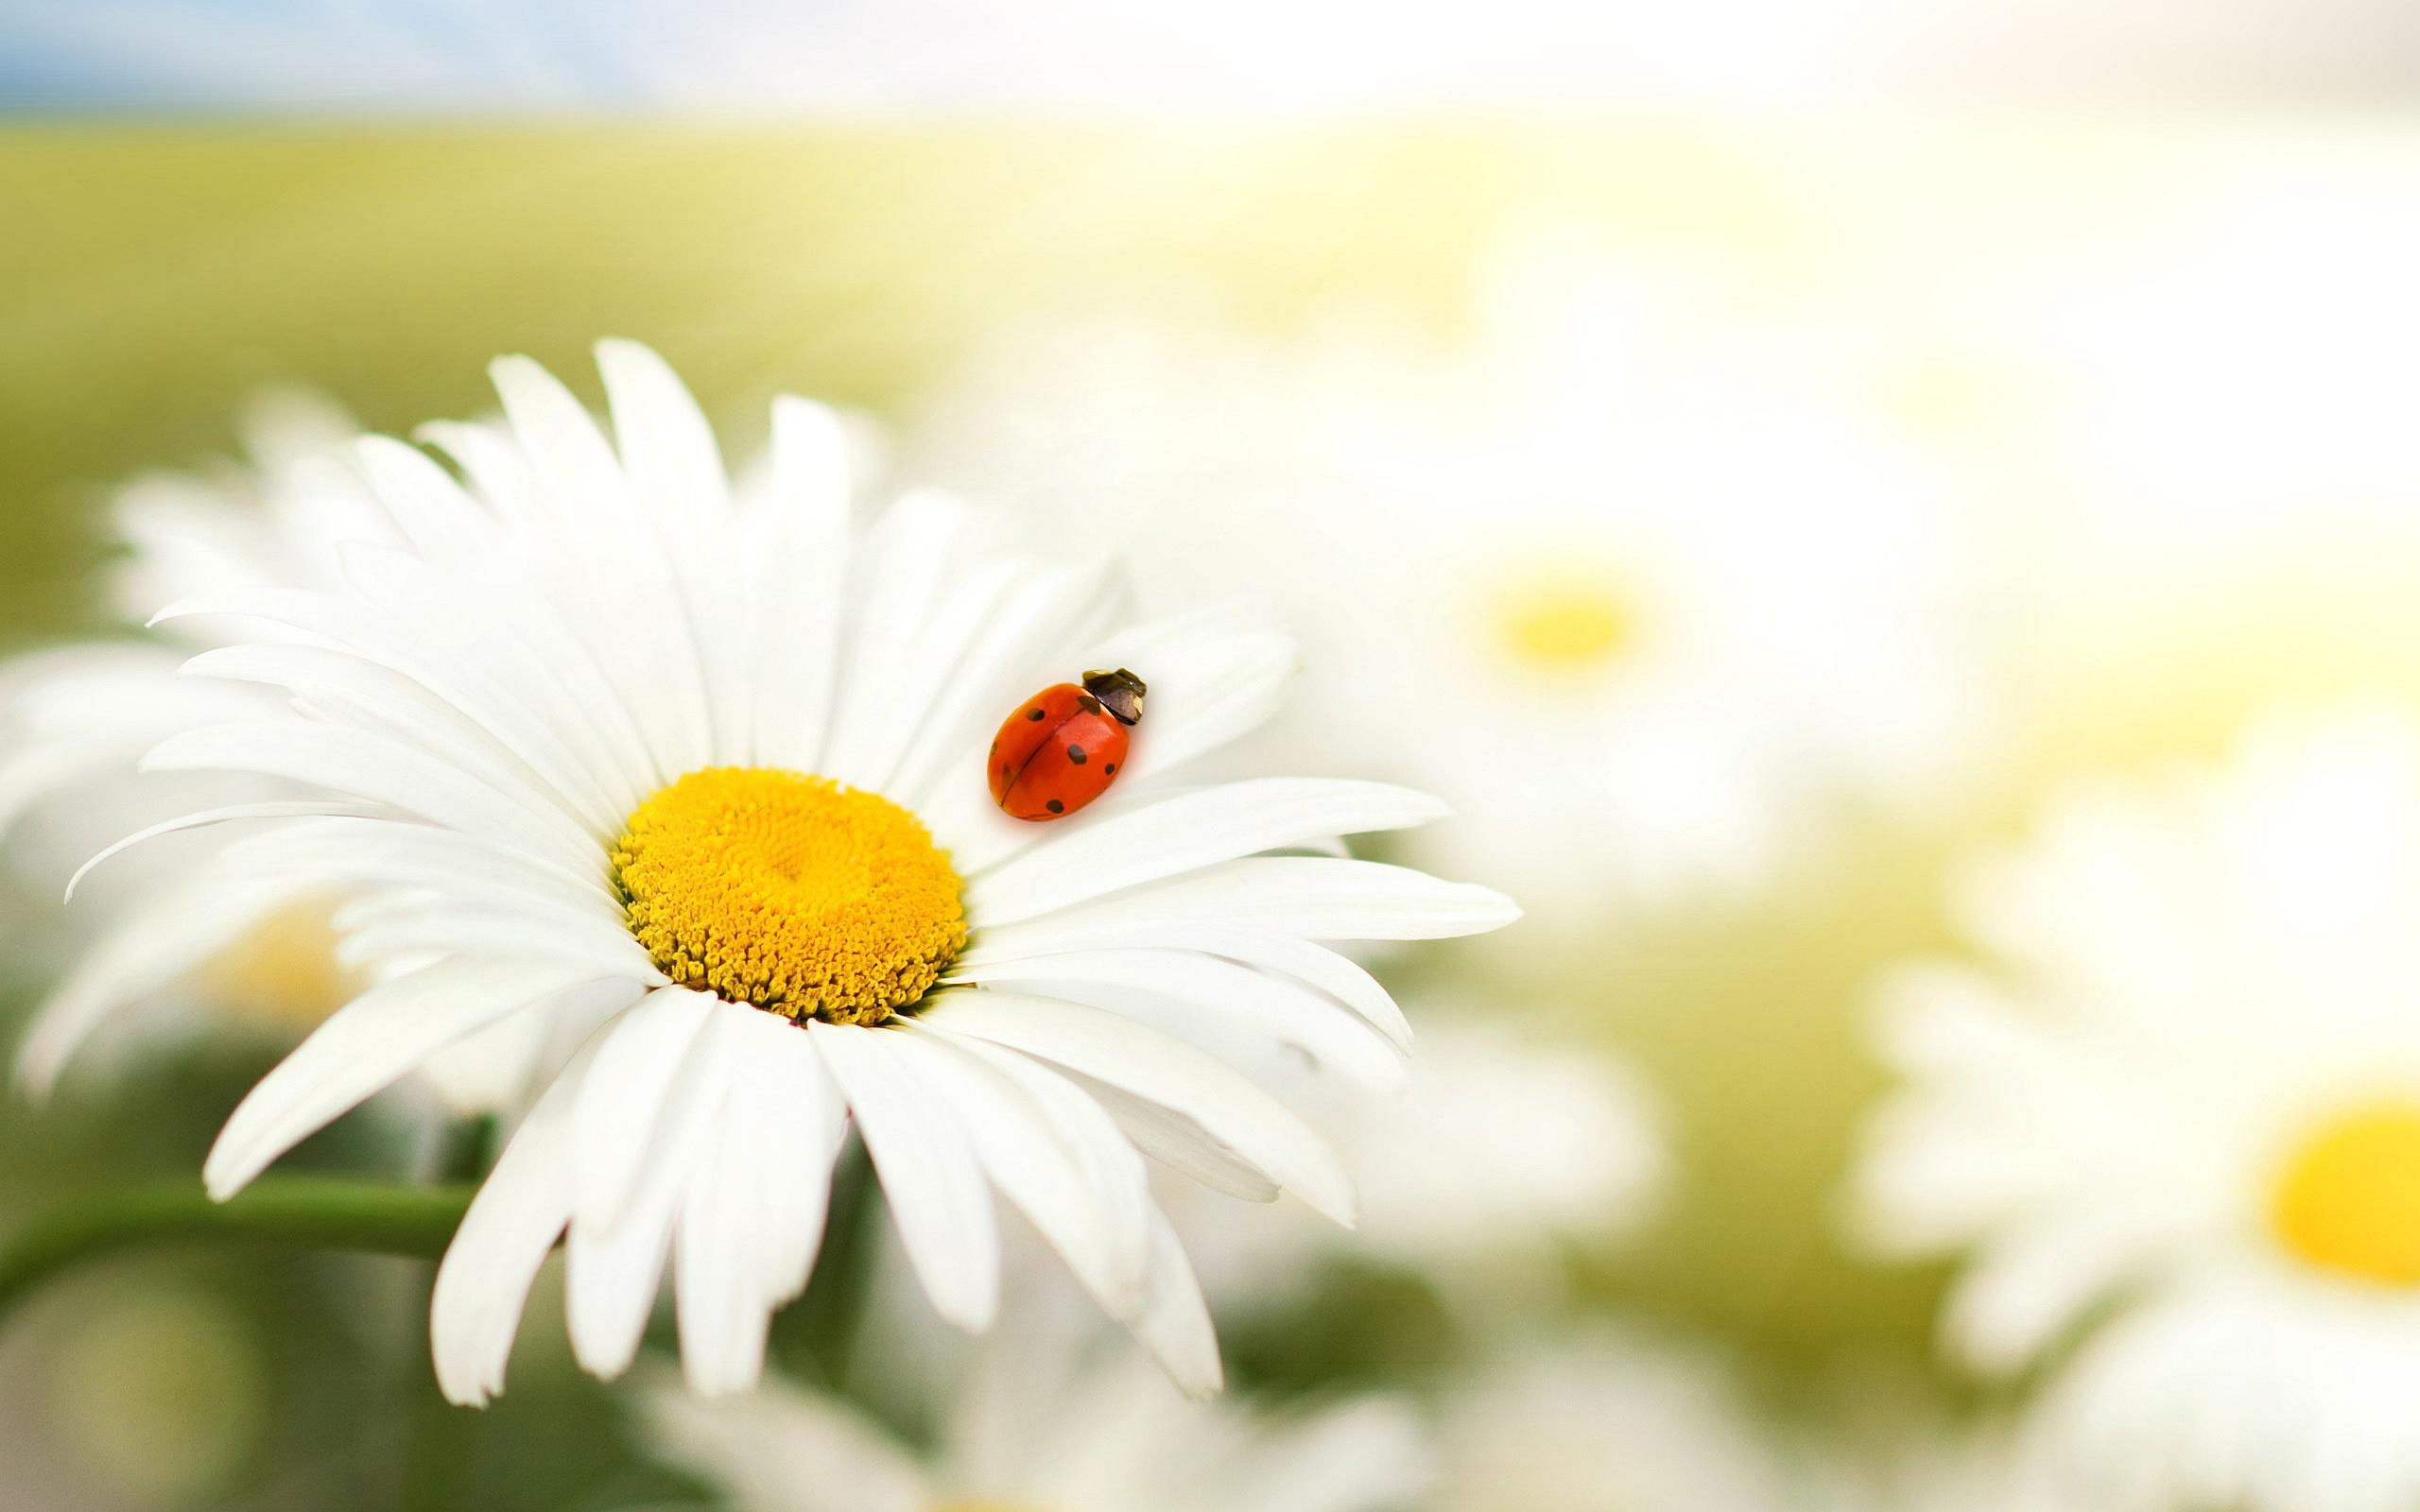 maybug daisy